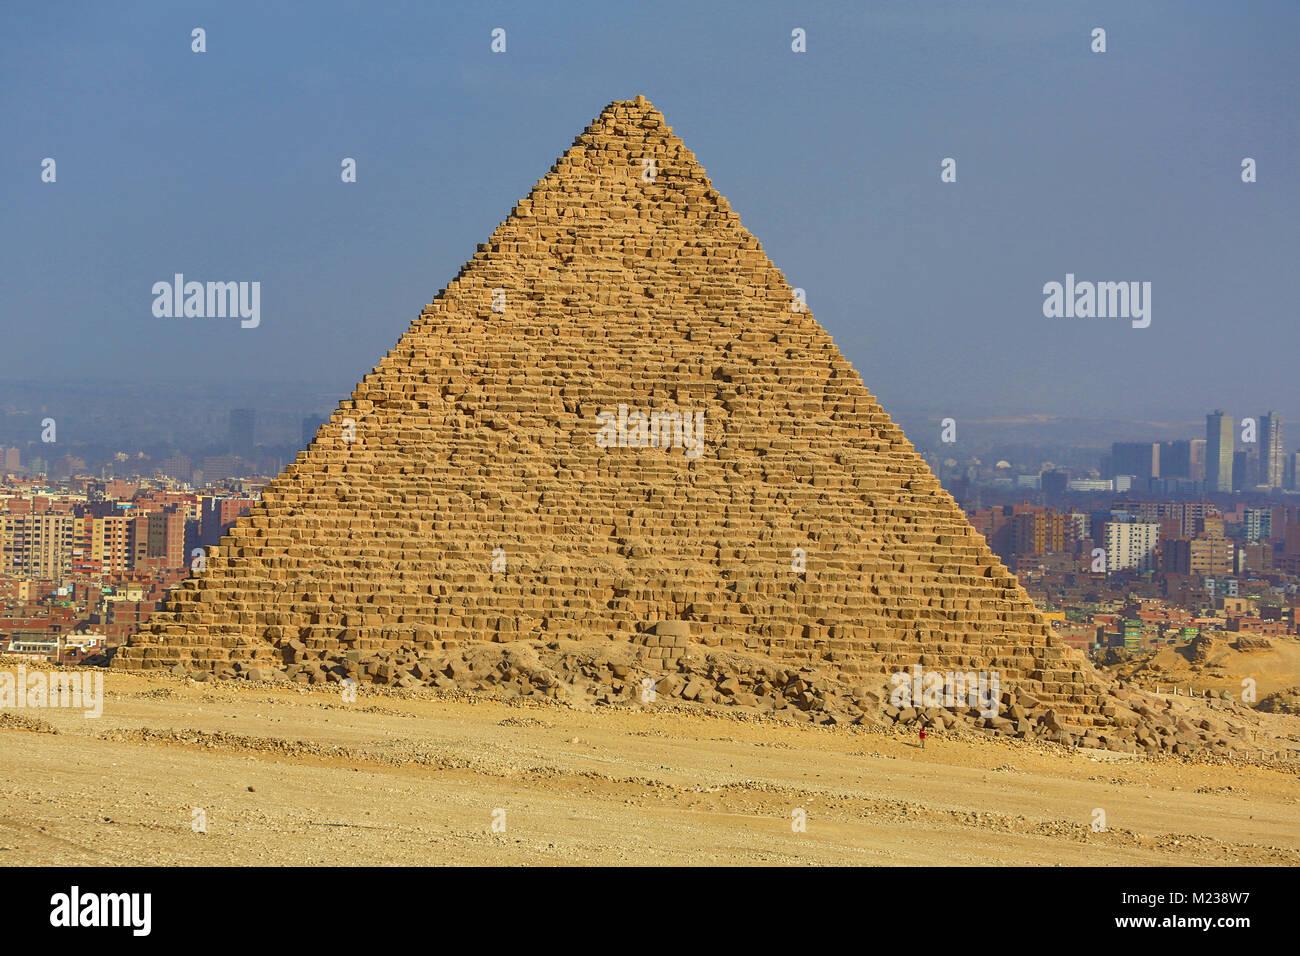 Die Pyramide des Menkaure auf dem Plateau von Gizeh, Kairo, Ägypten Stockbild